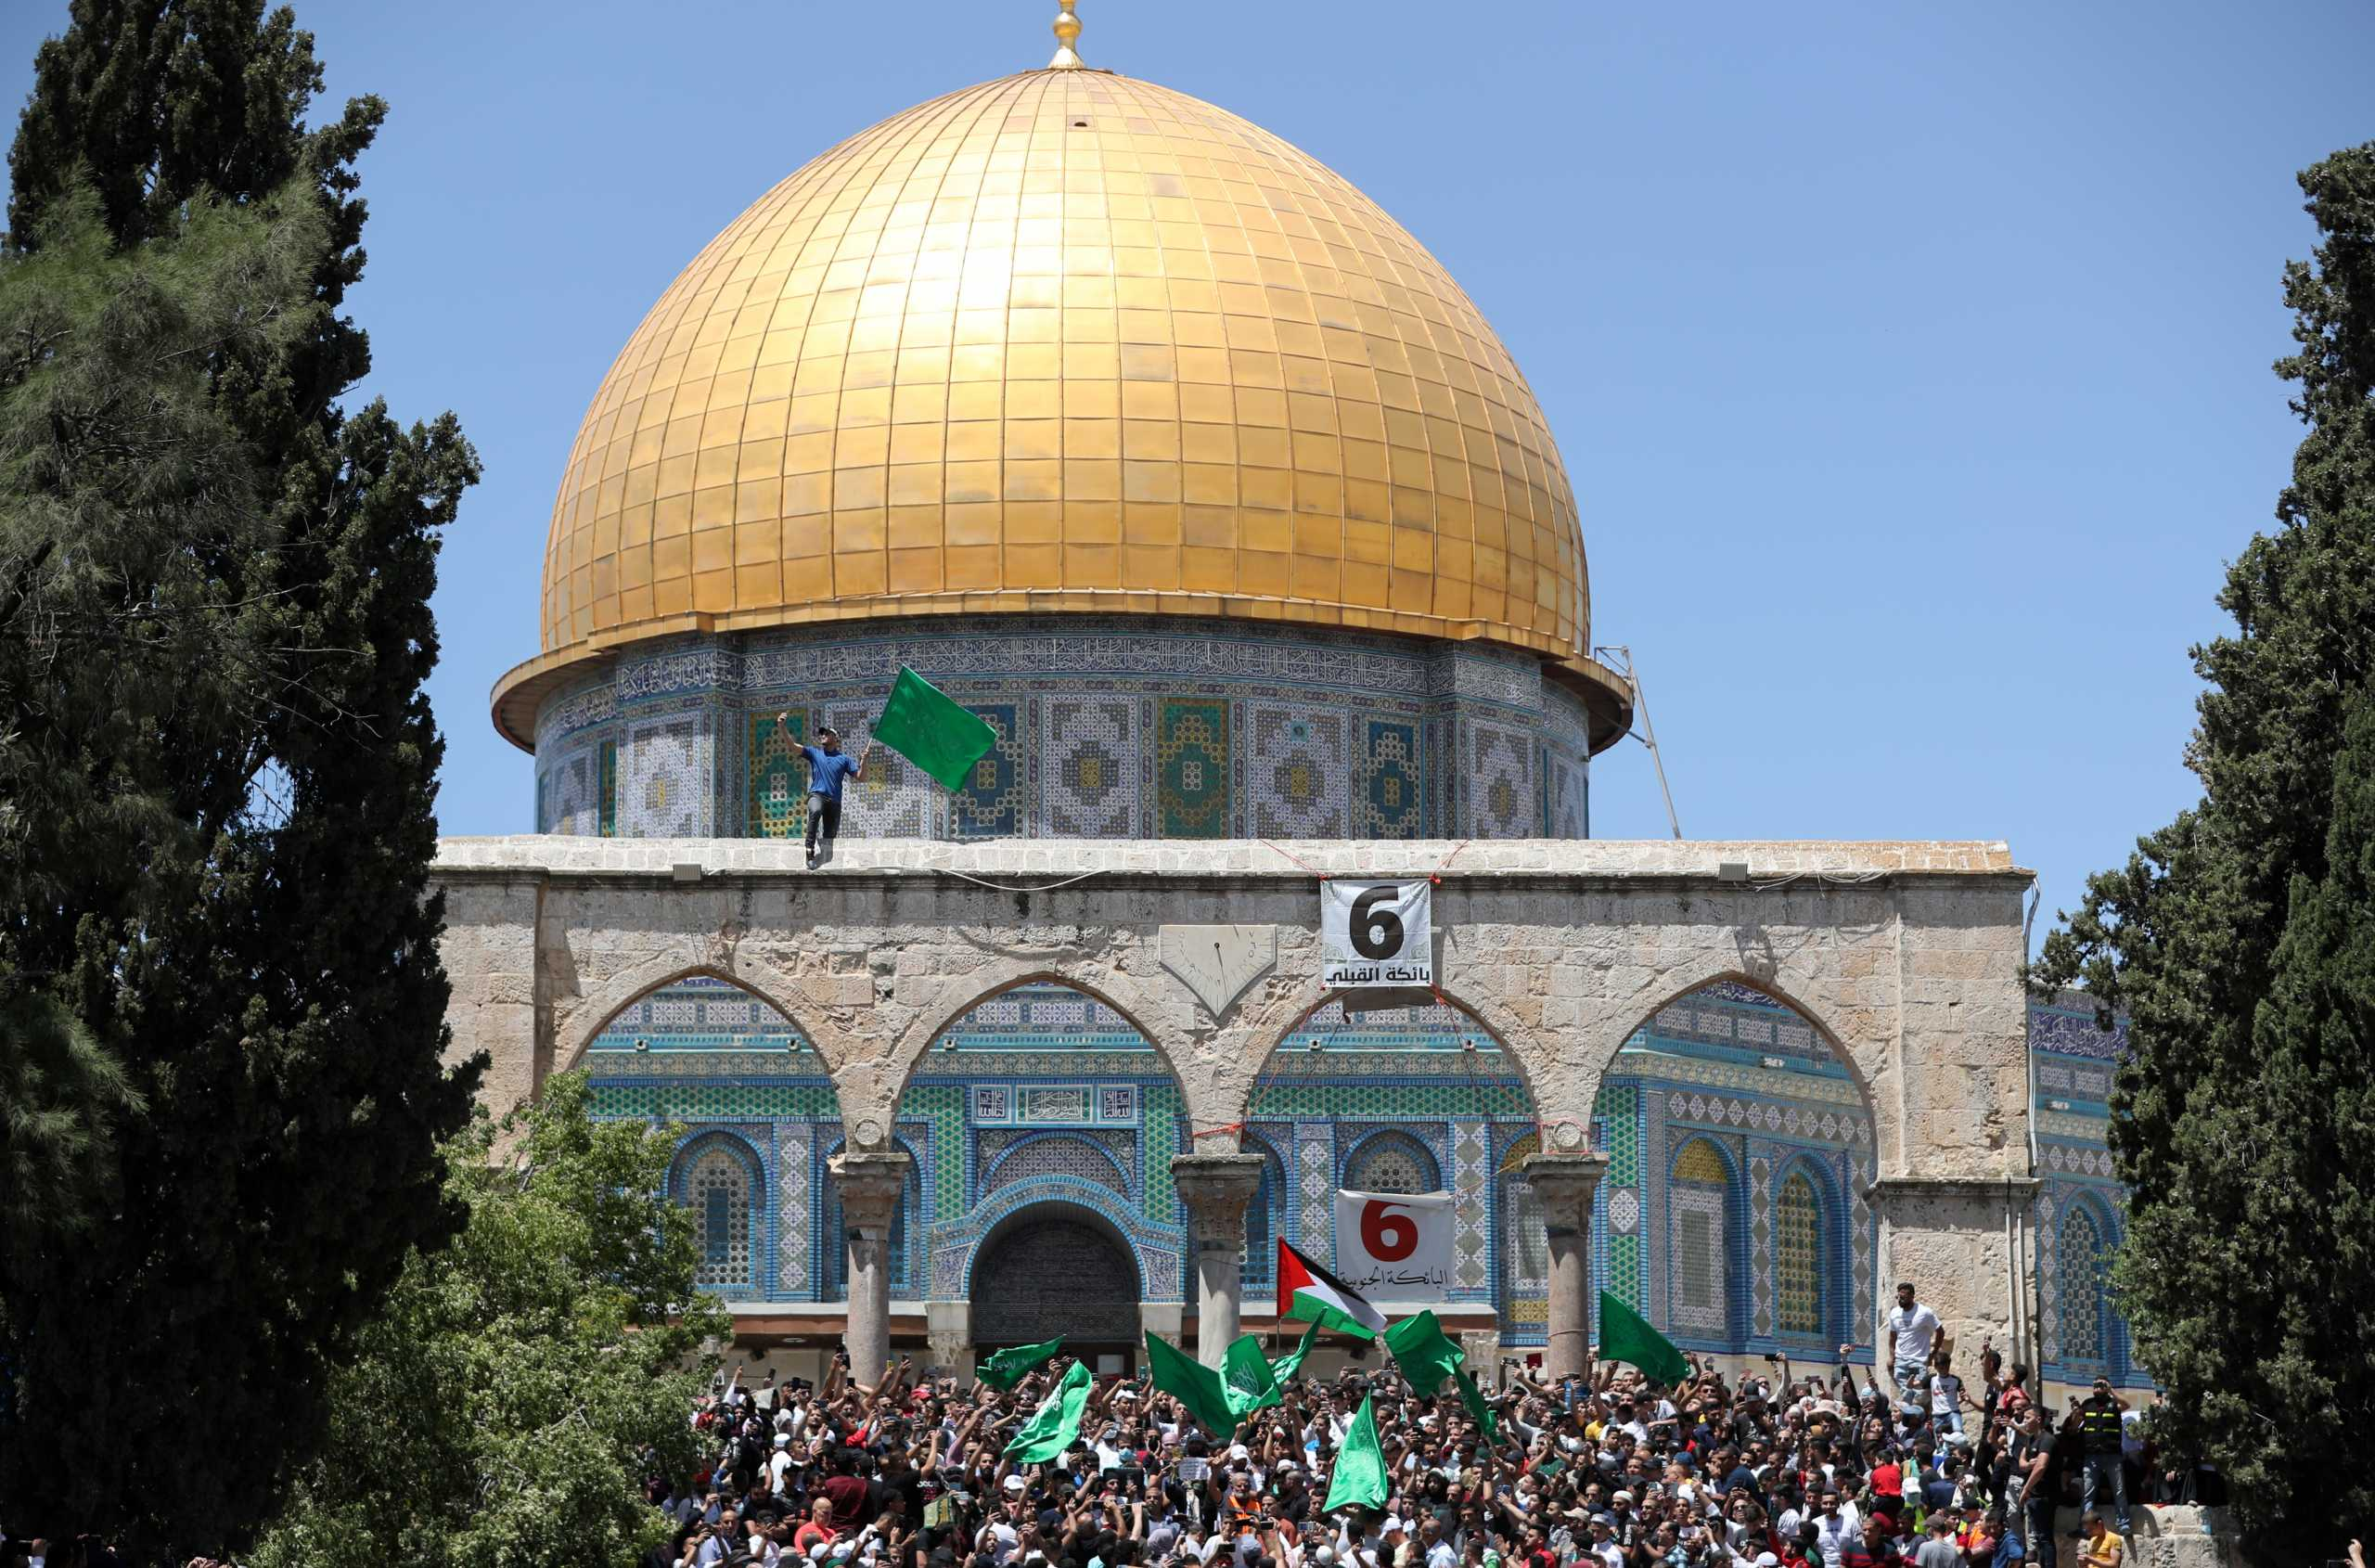 ΟΗΕ: «Ζητάμε από το Ισραήλ να τερματίσει αμέσως όλες τις αναγκαστικές εξώσεις» Παλαιστινίων